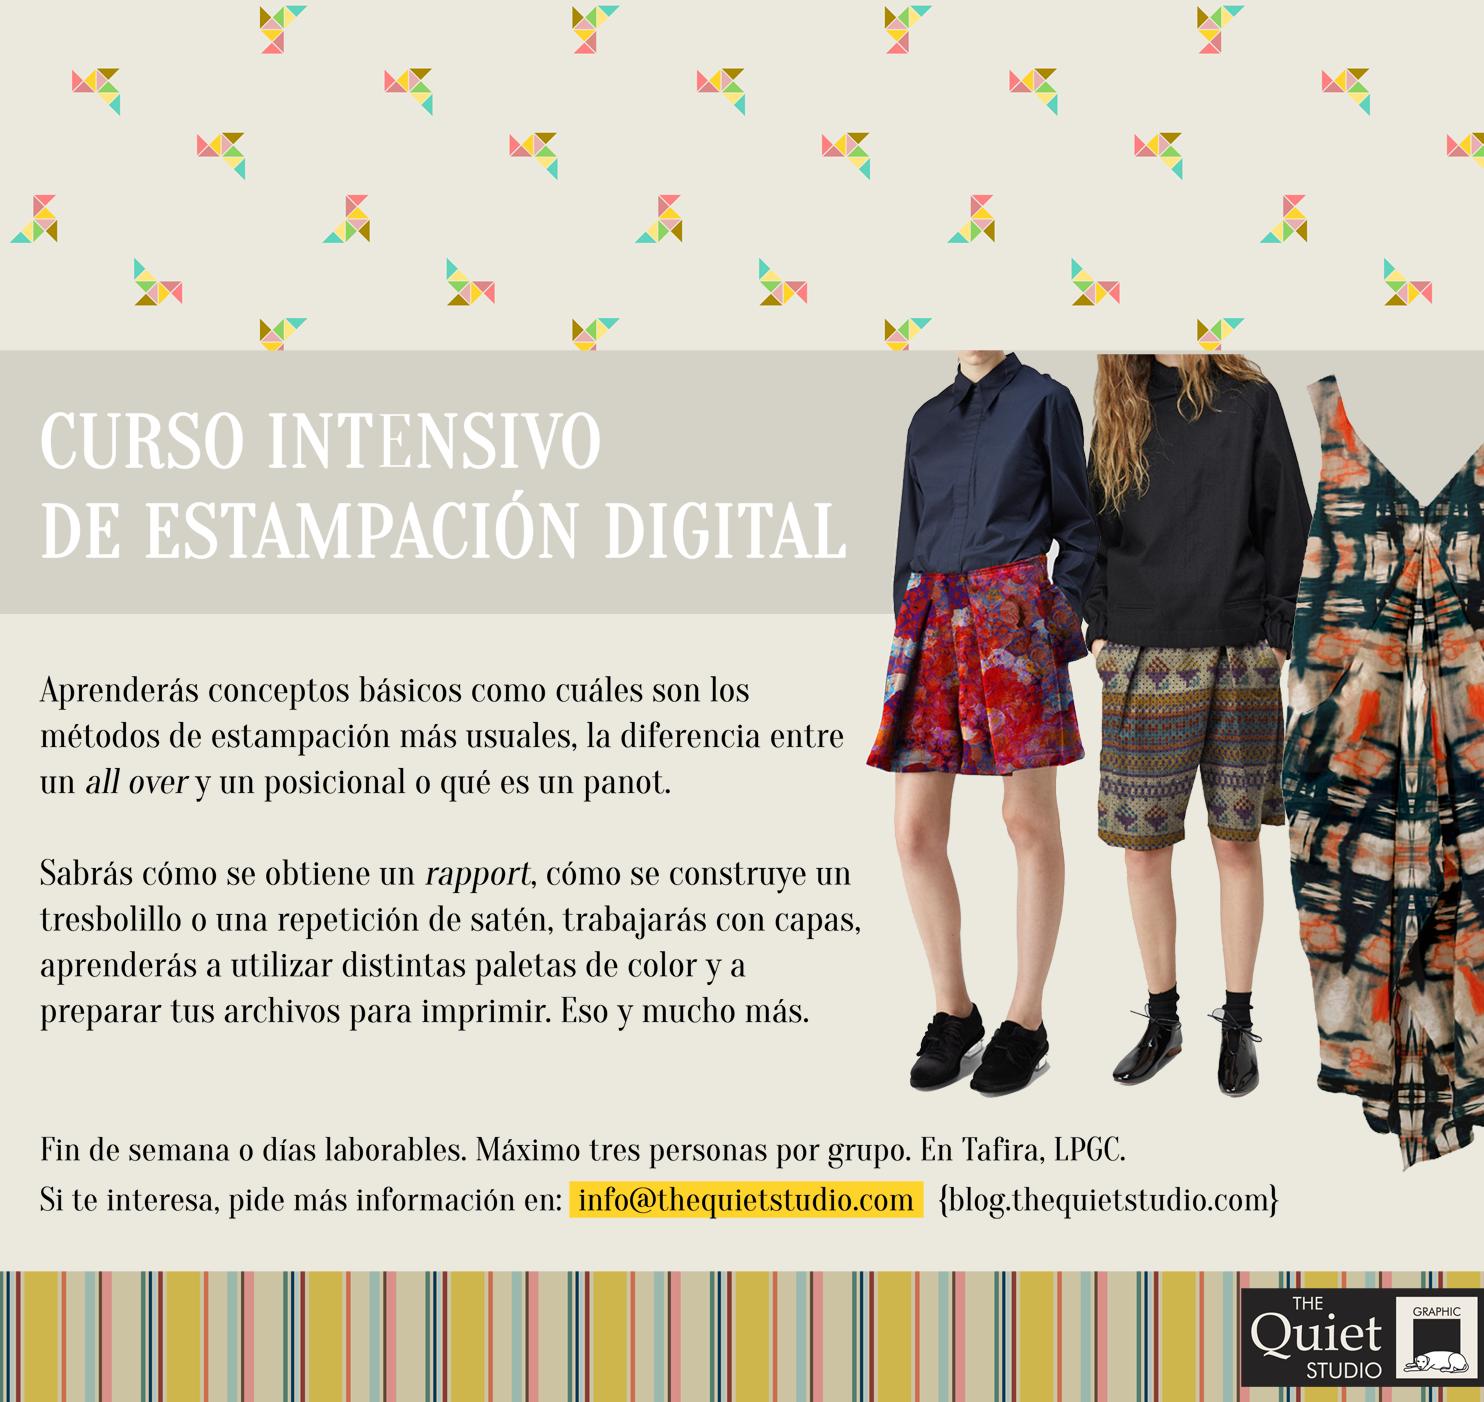 Curso intensivo de estampación digital